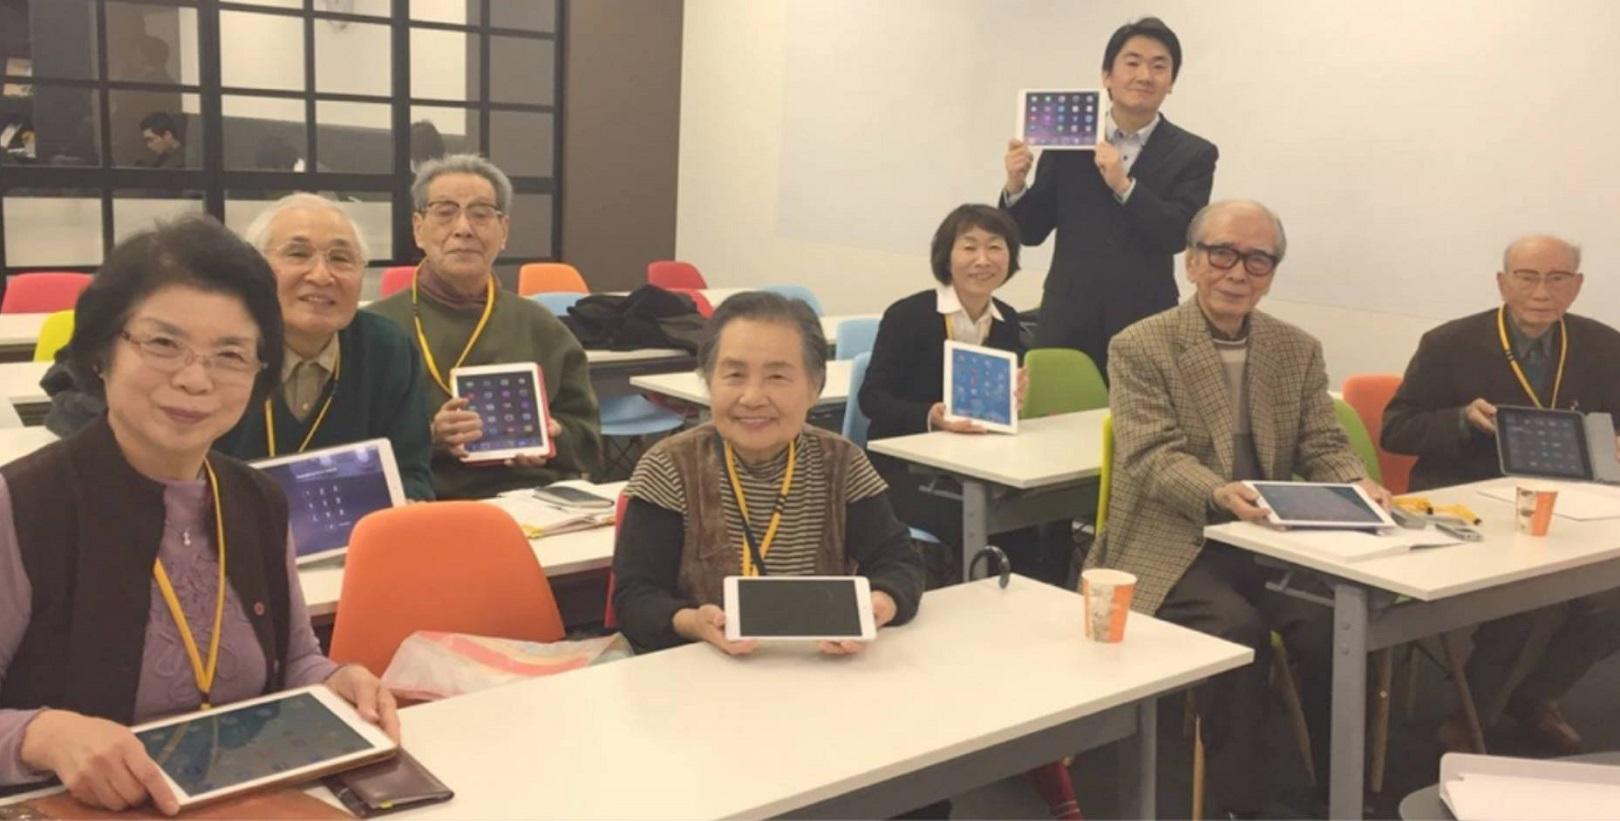 シニアiPad教室のイメージ